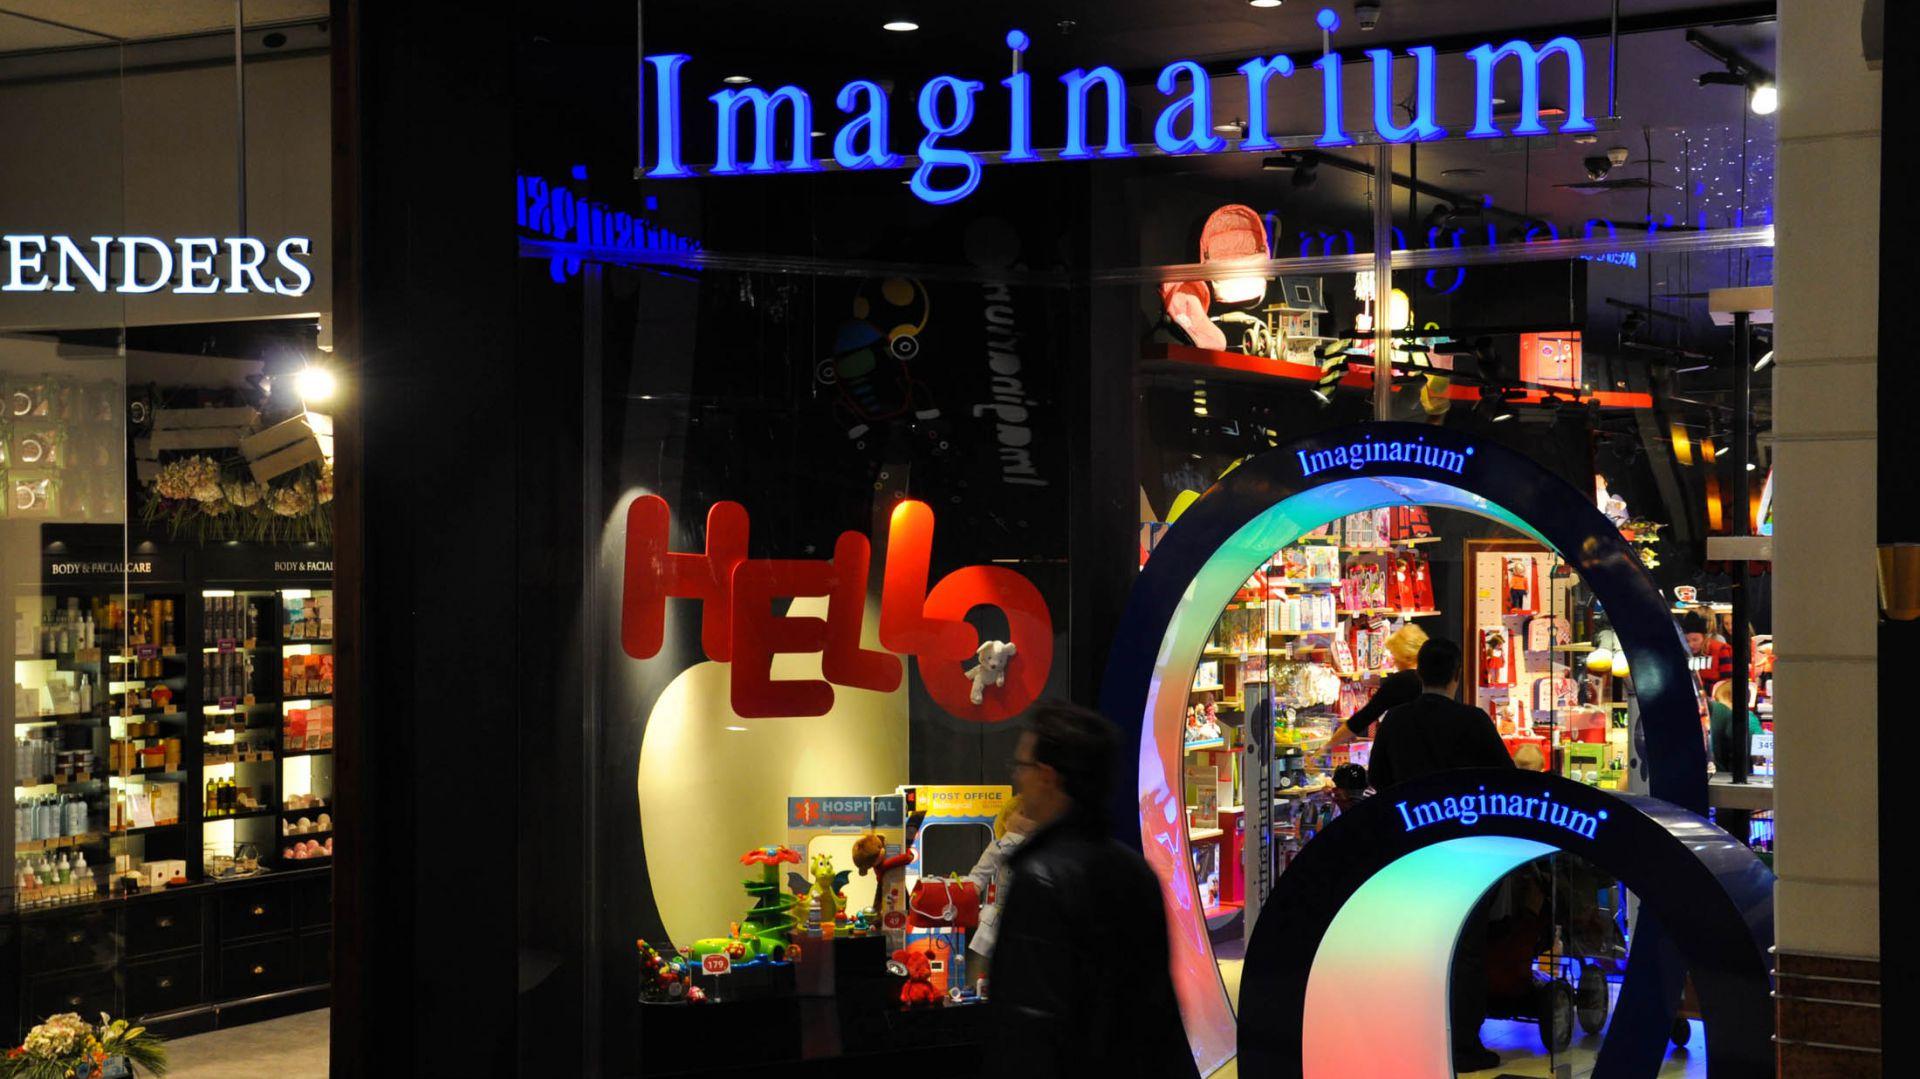 Imaginarium ARS.jpg